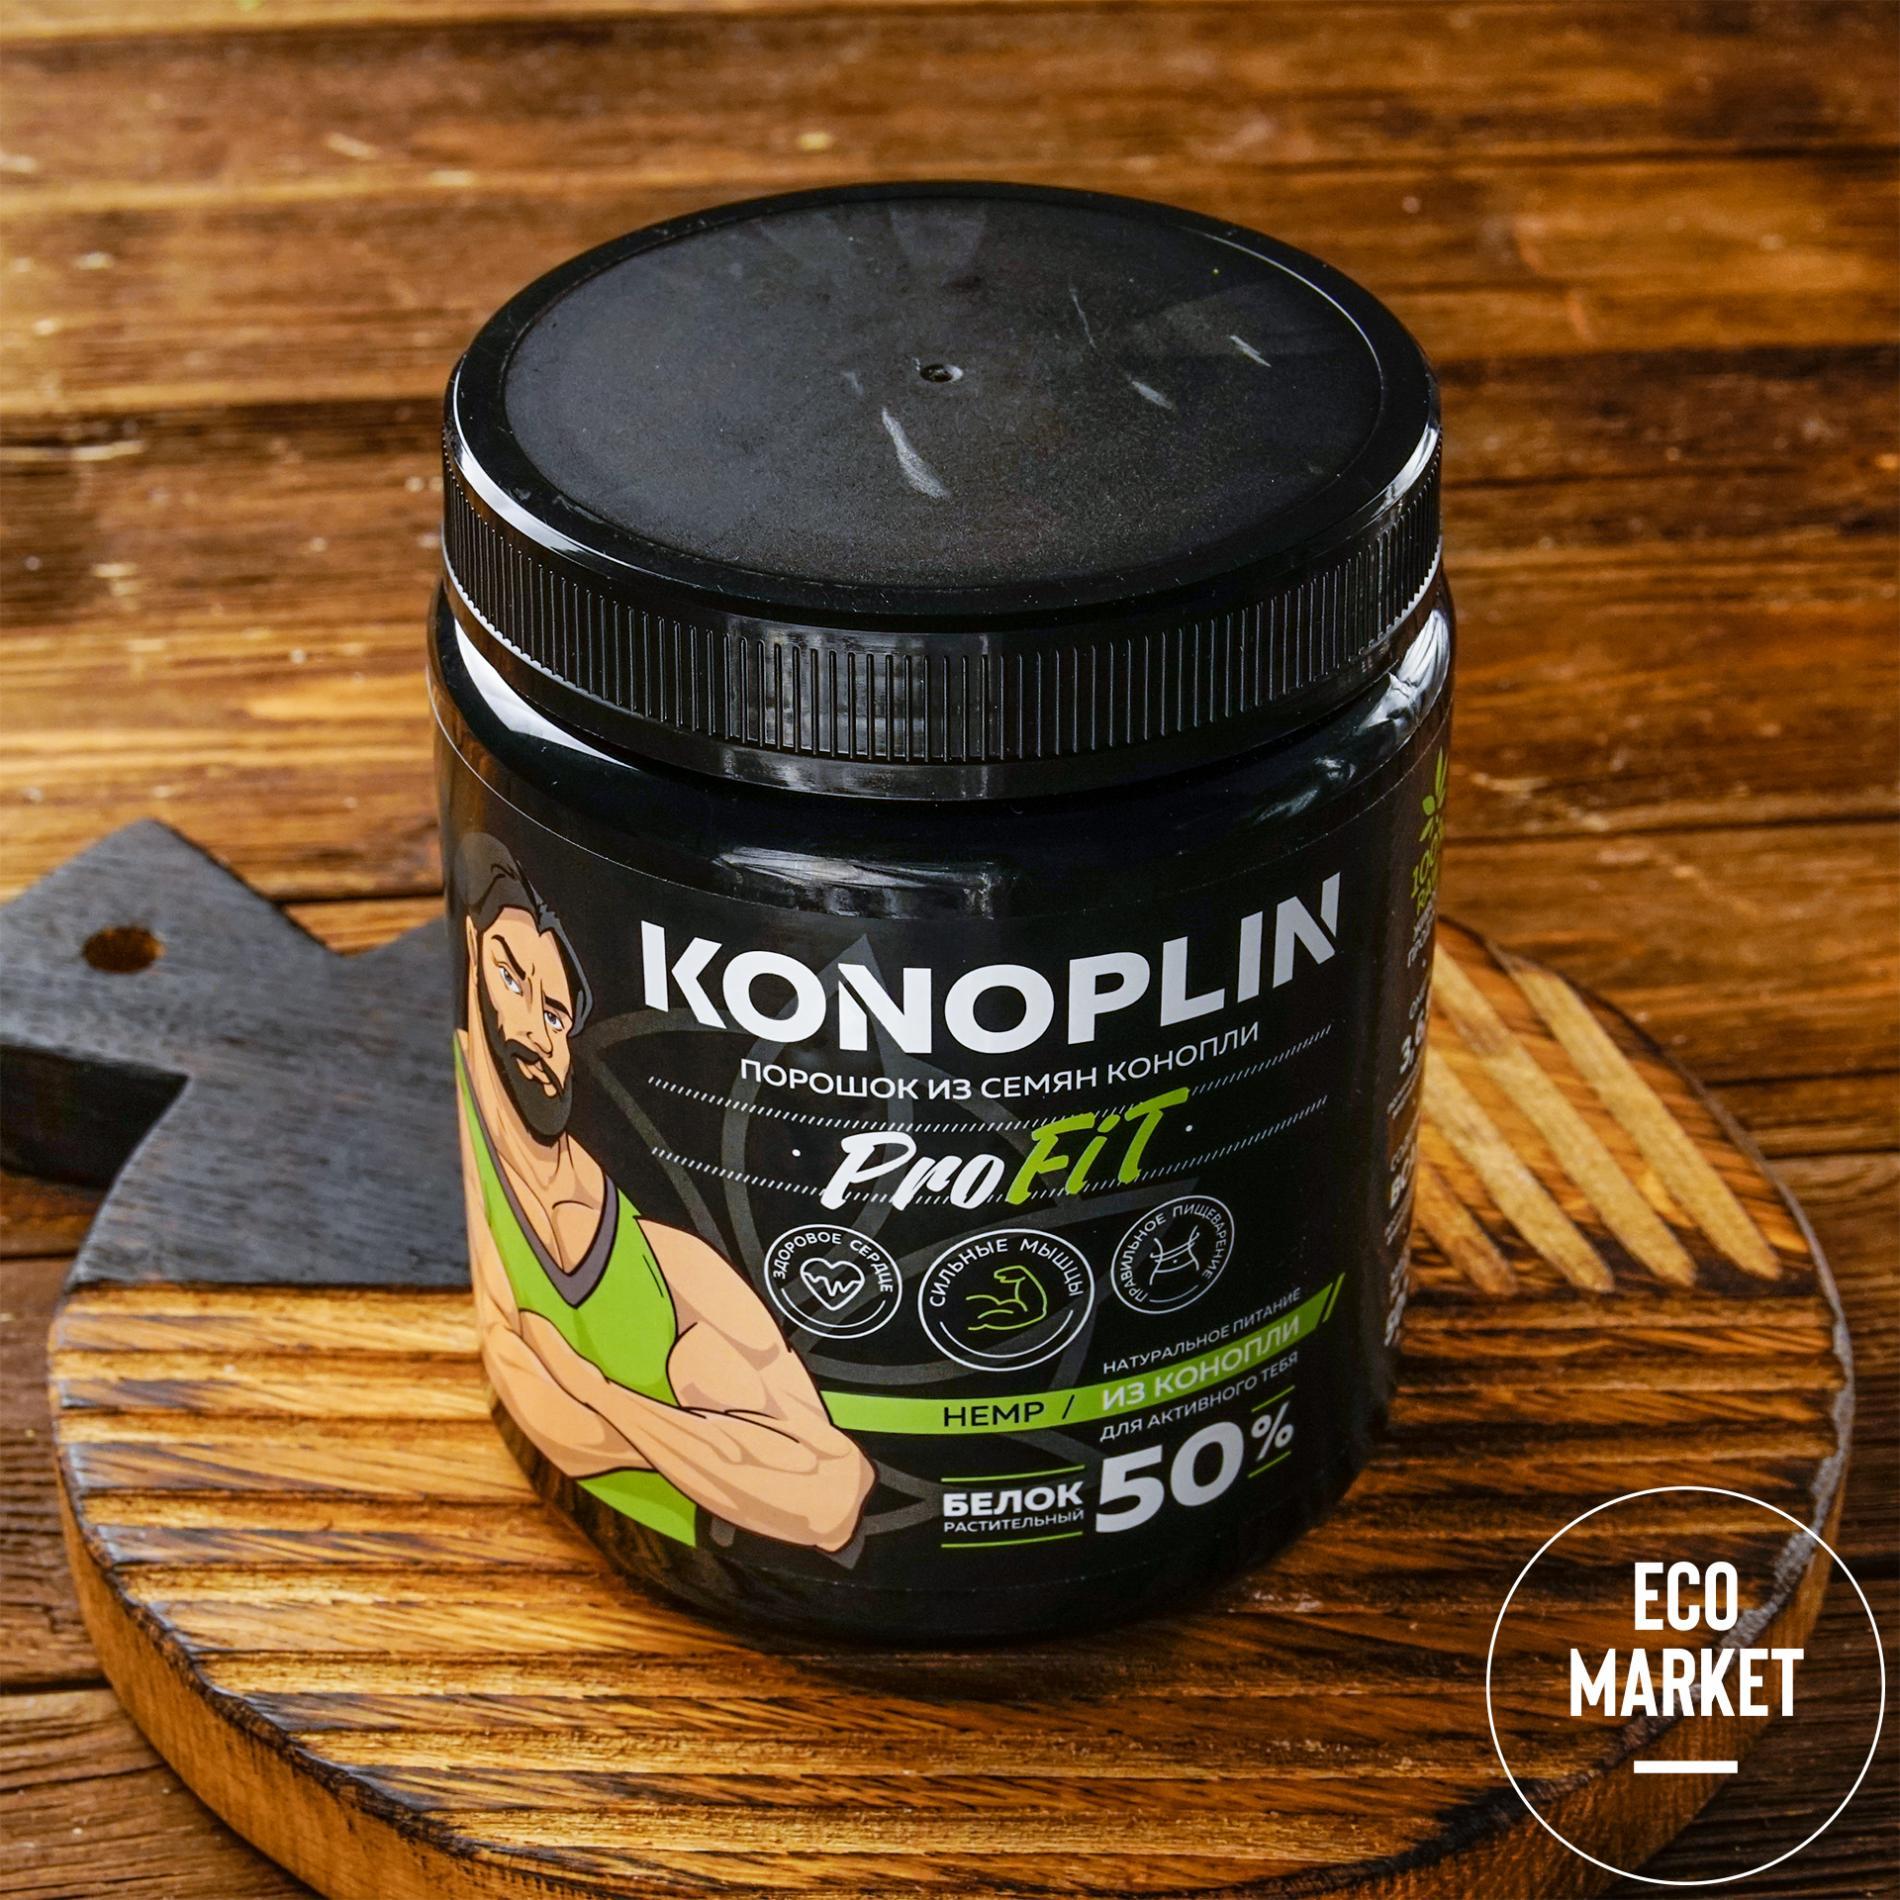 Коноплин протеин из семян конопли - 500 г